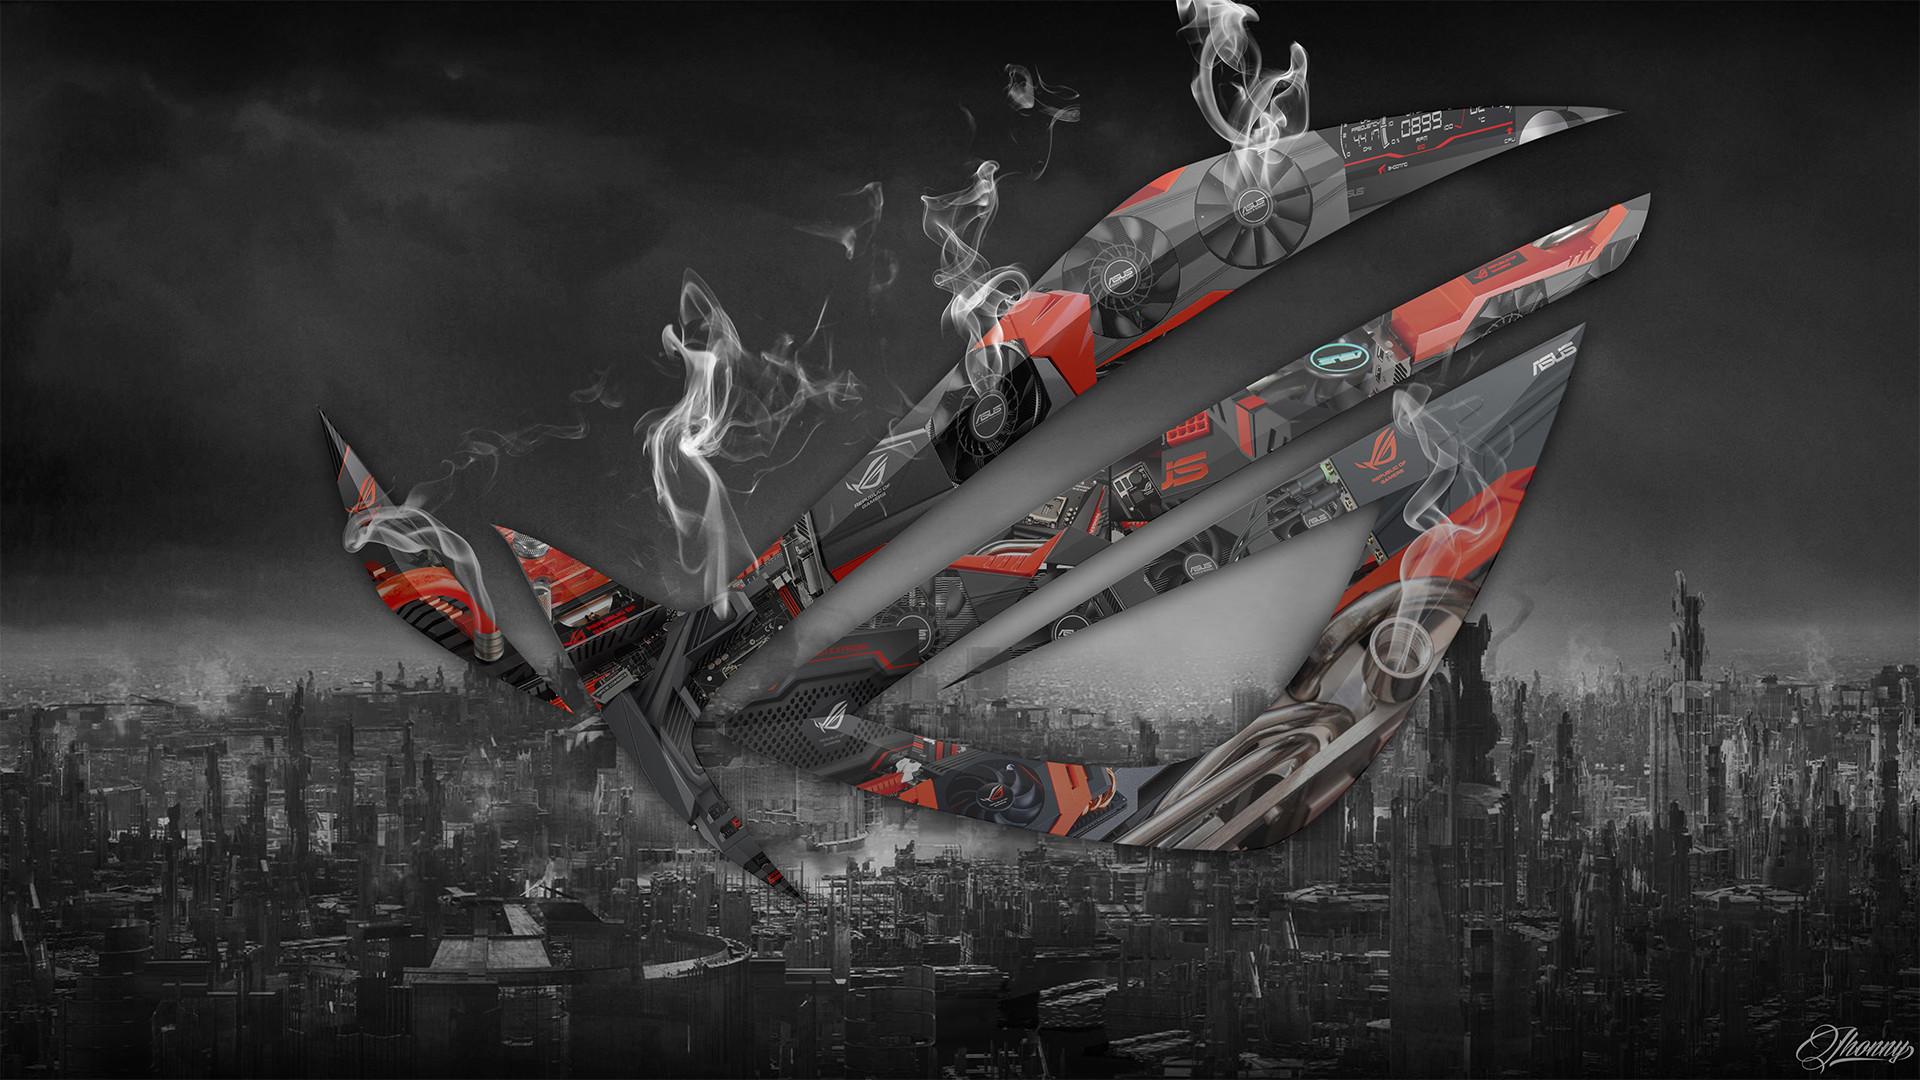 Asus Wallpaper 1080p 79 Images